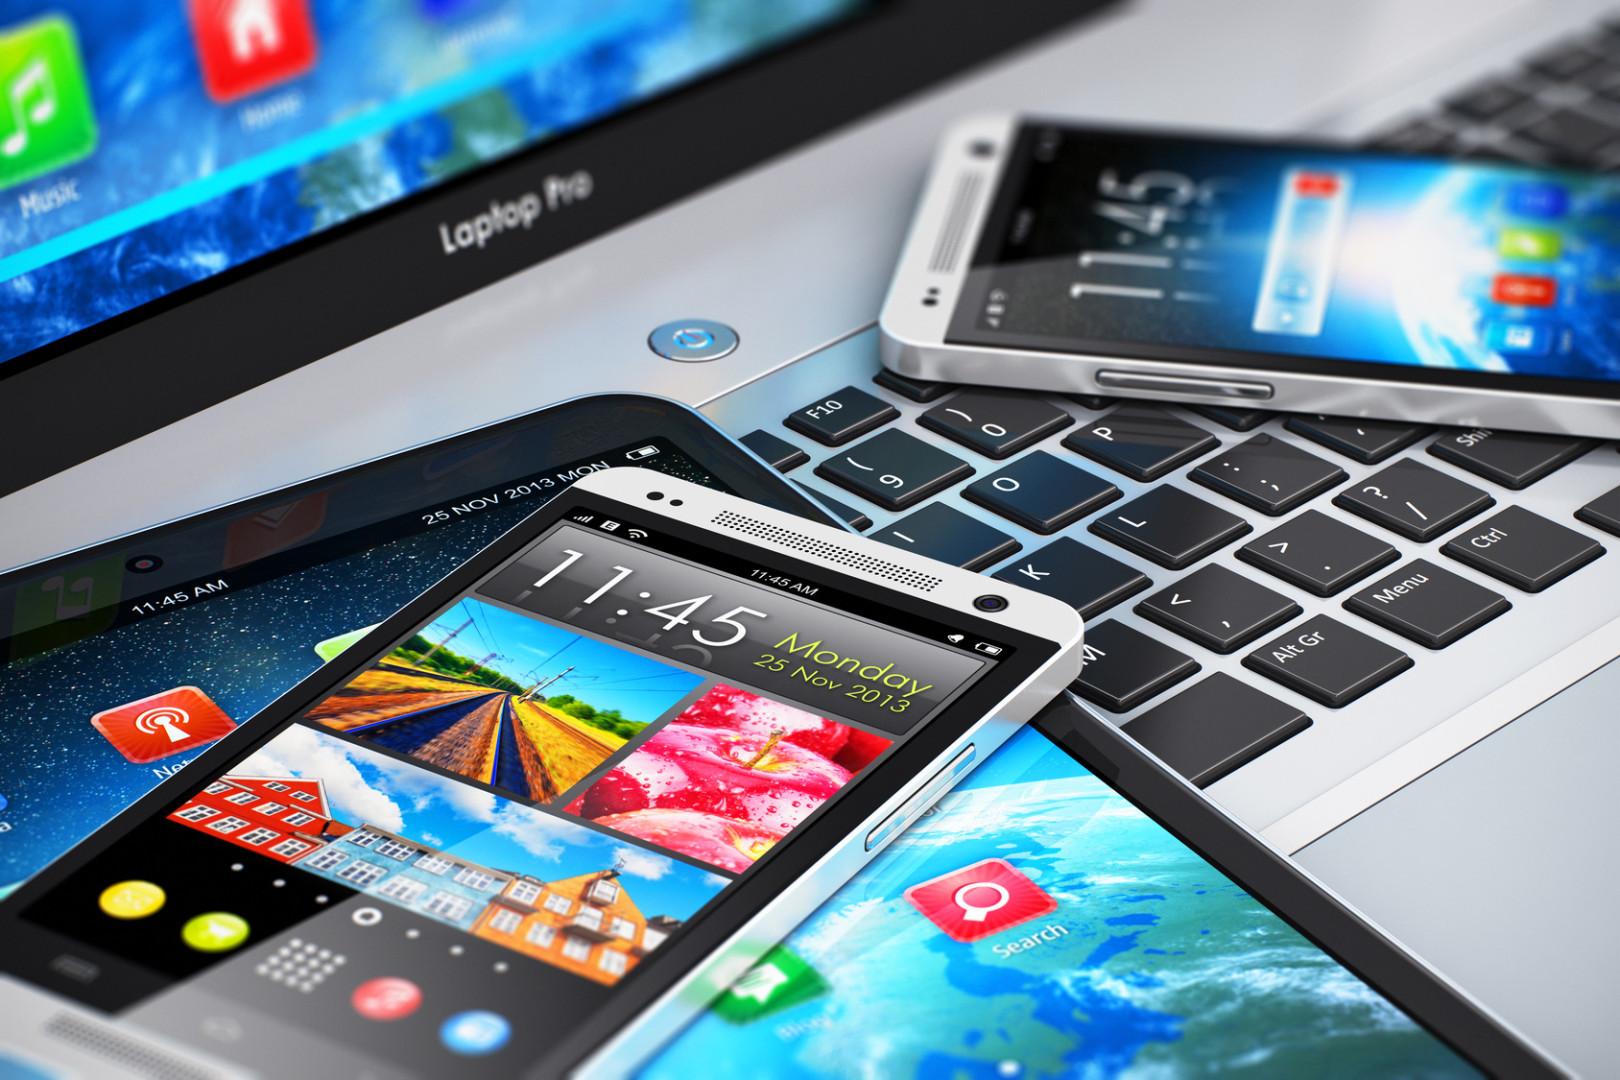 10 niewiarygodnych statystyk o urządzeniach mobilnych! smartphone mediarunaplikacja